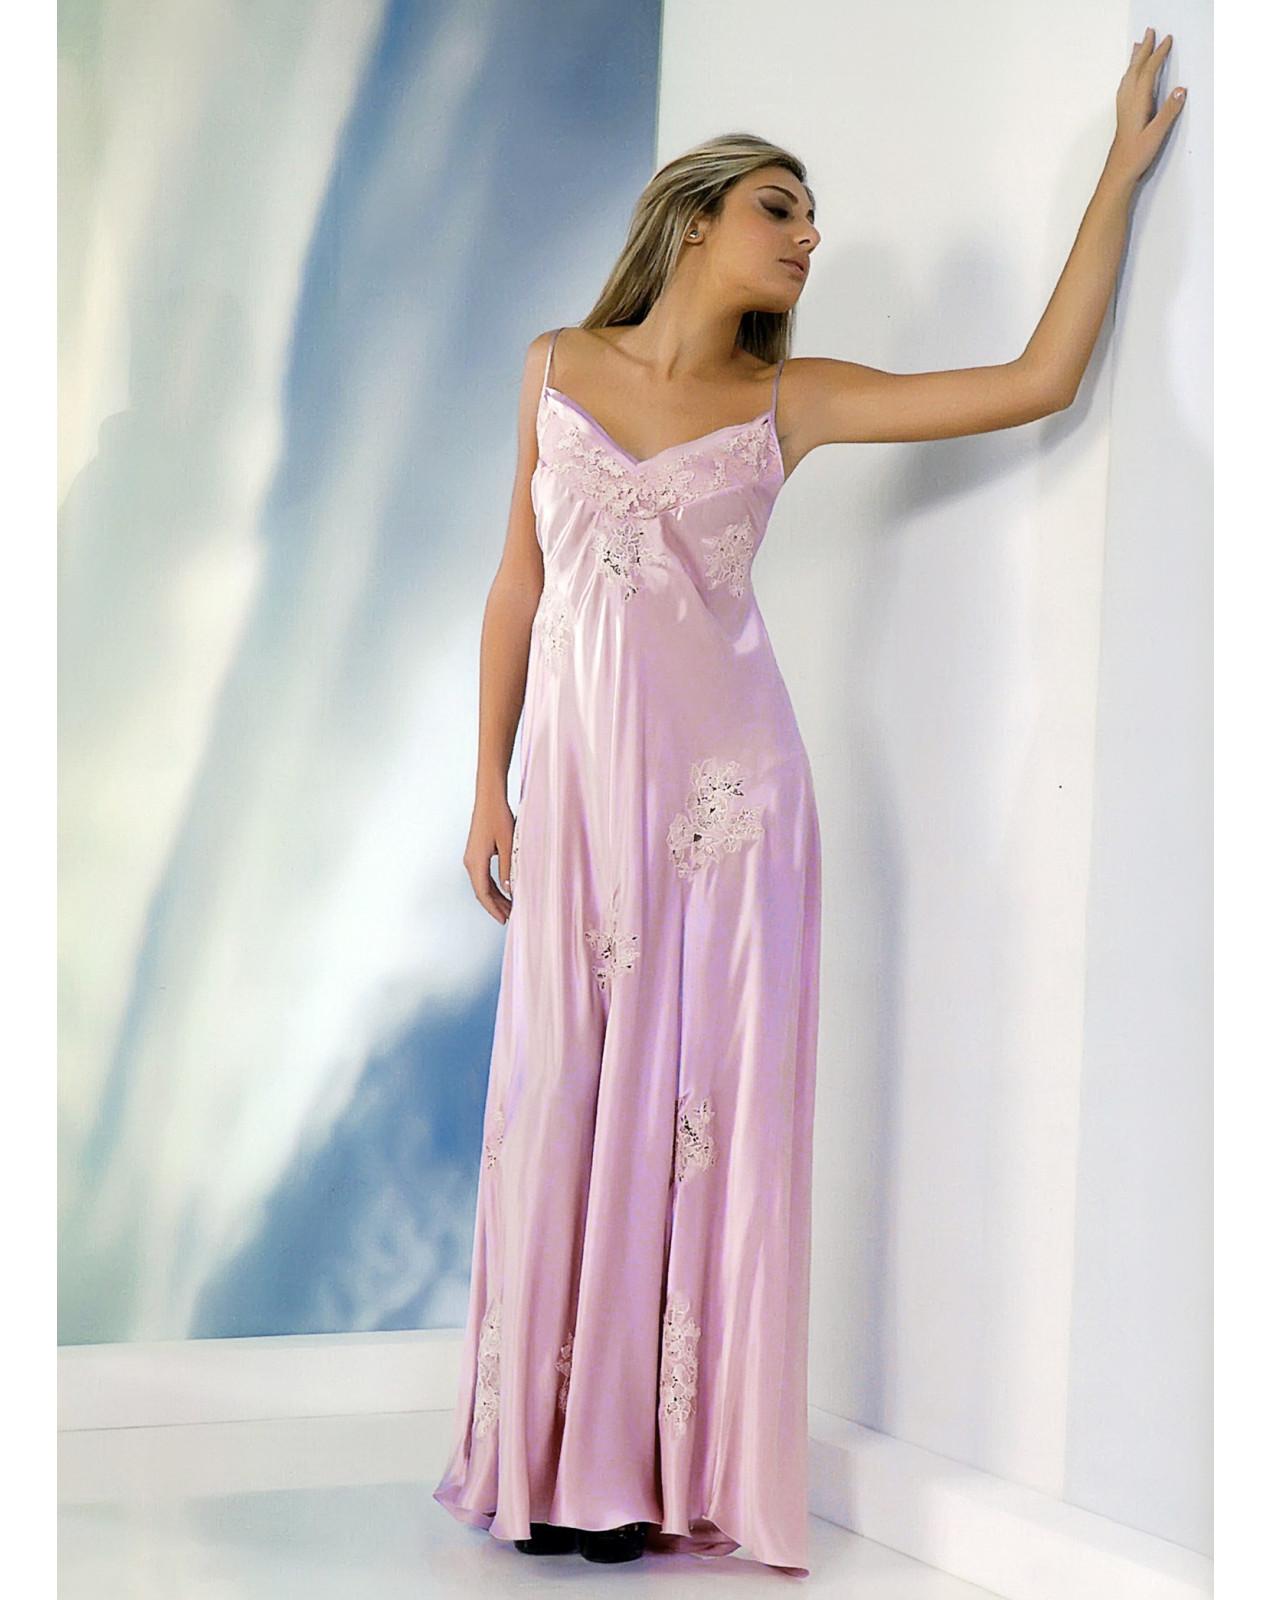 Calliope woman nightgown in silk satin